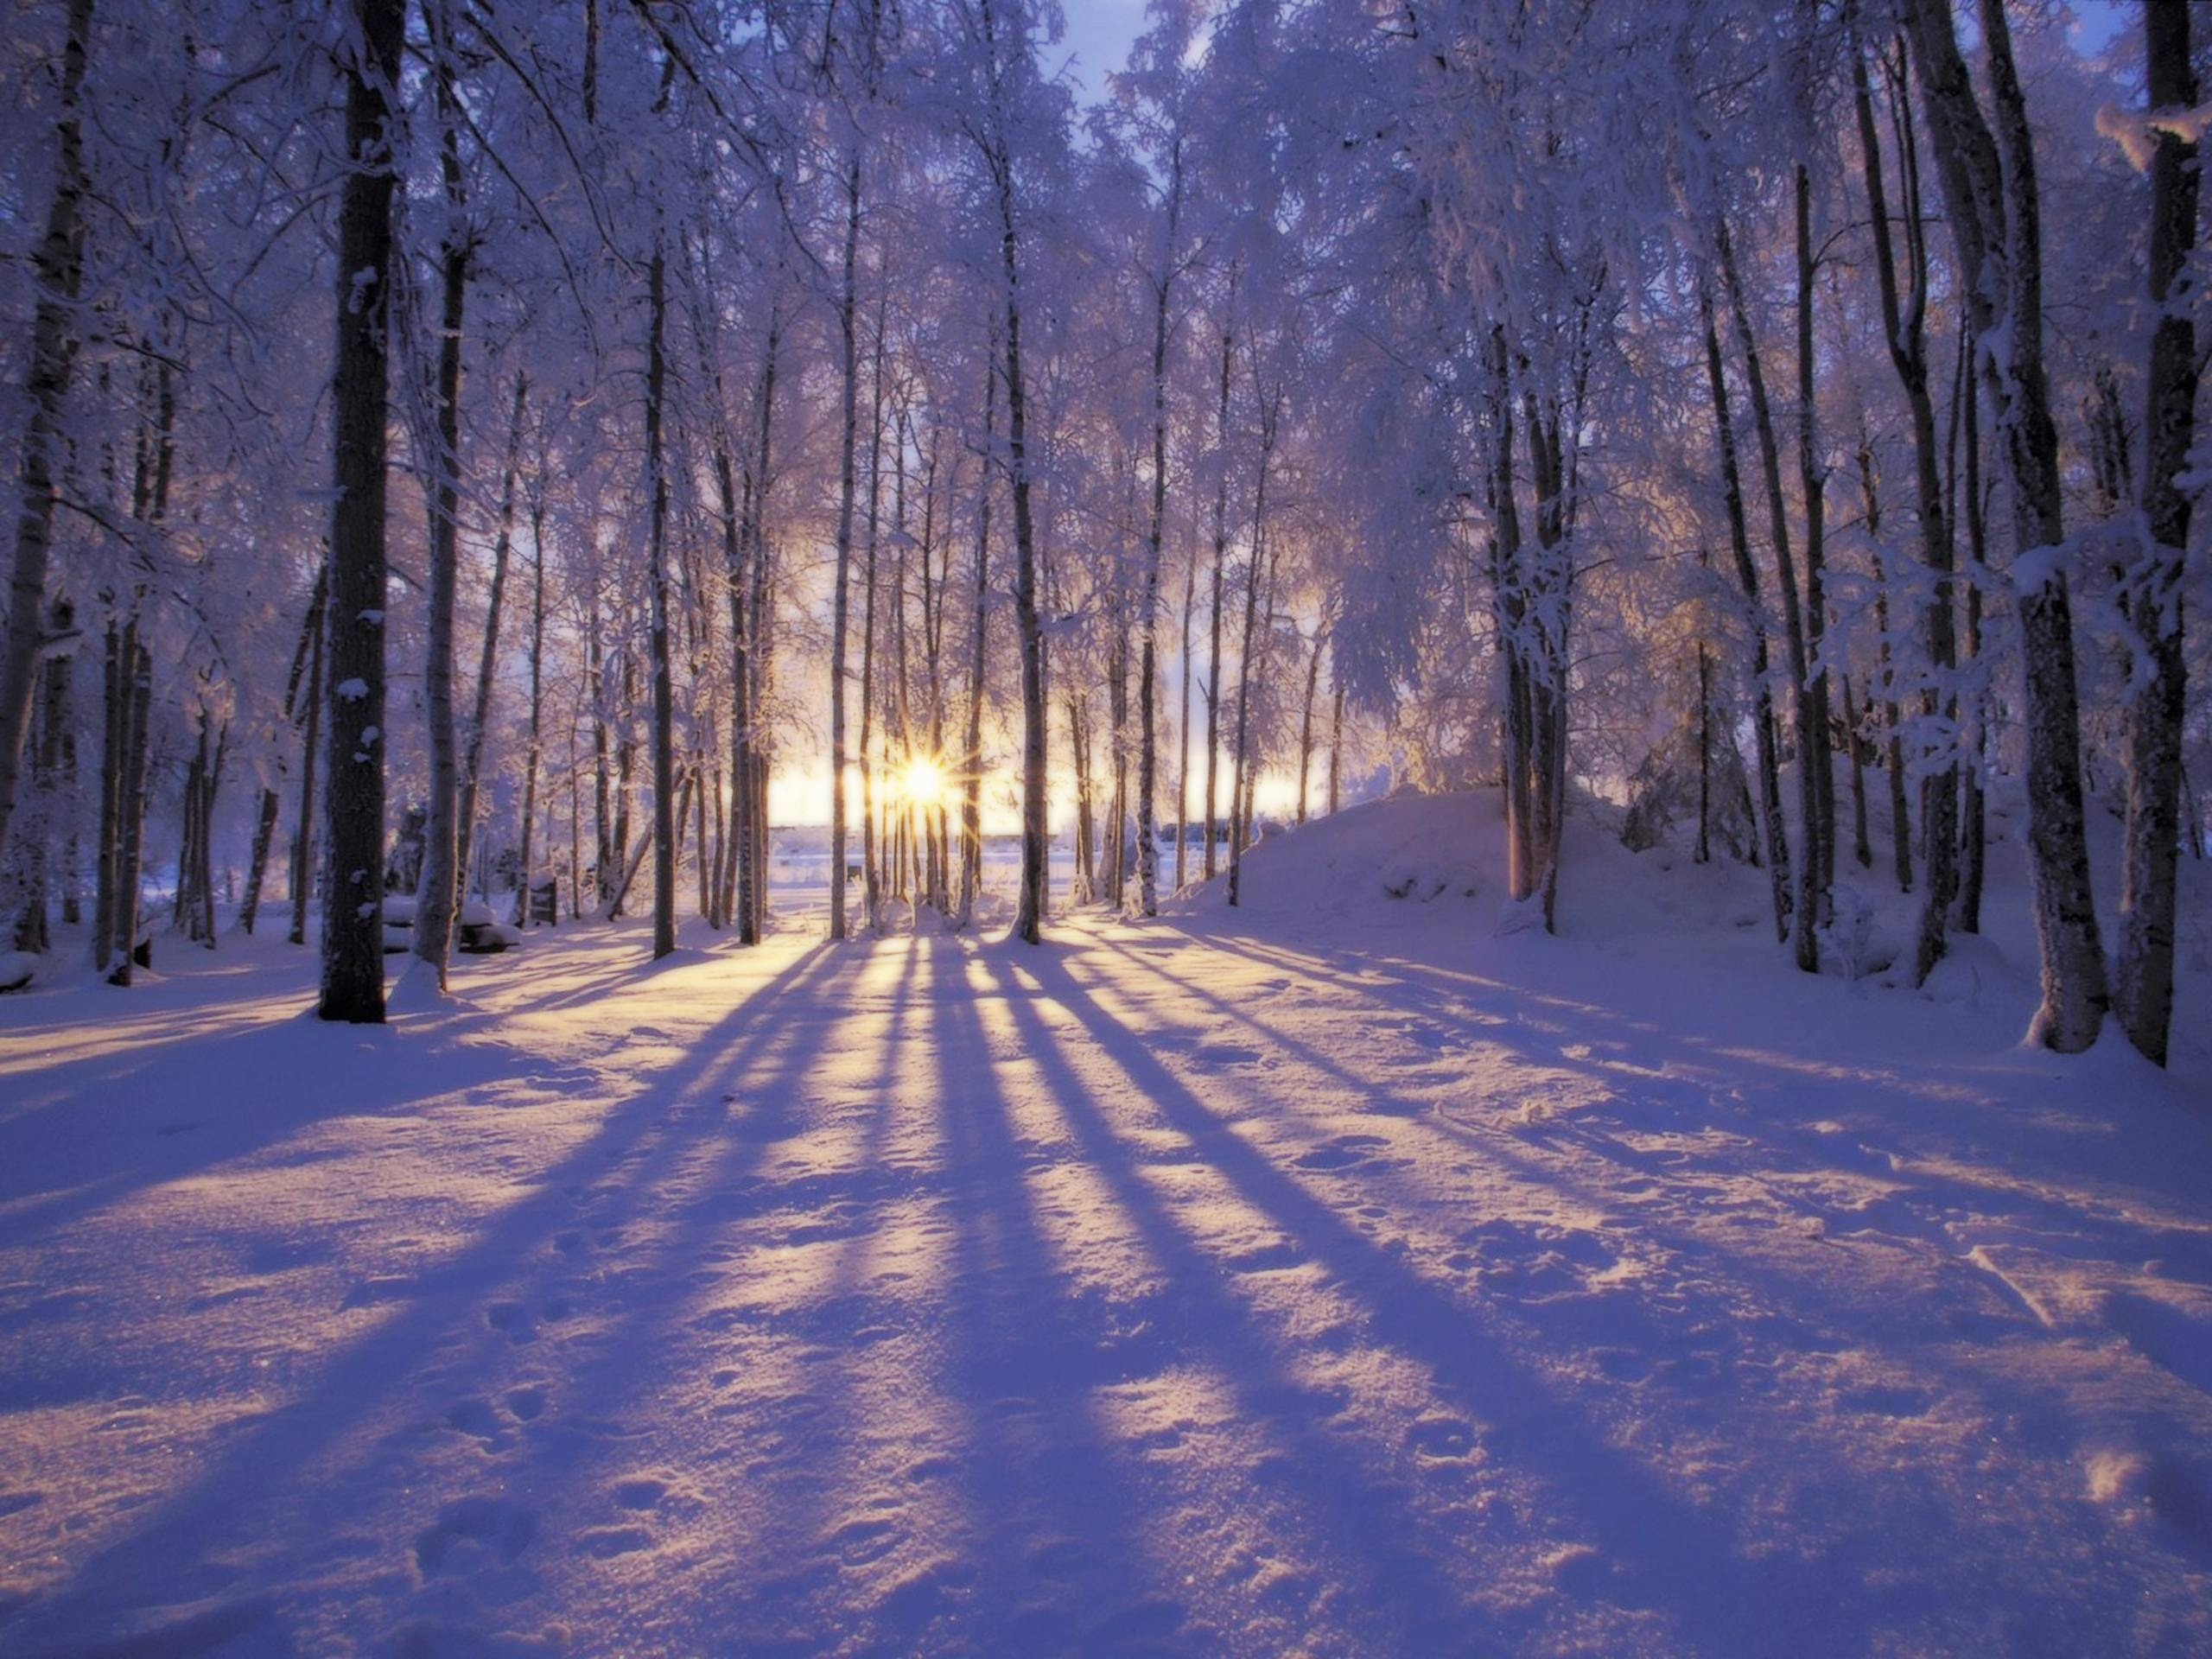 winter scenes desktop backgrounds - wallpaper cave